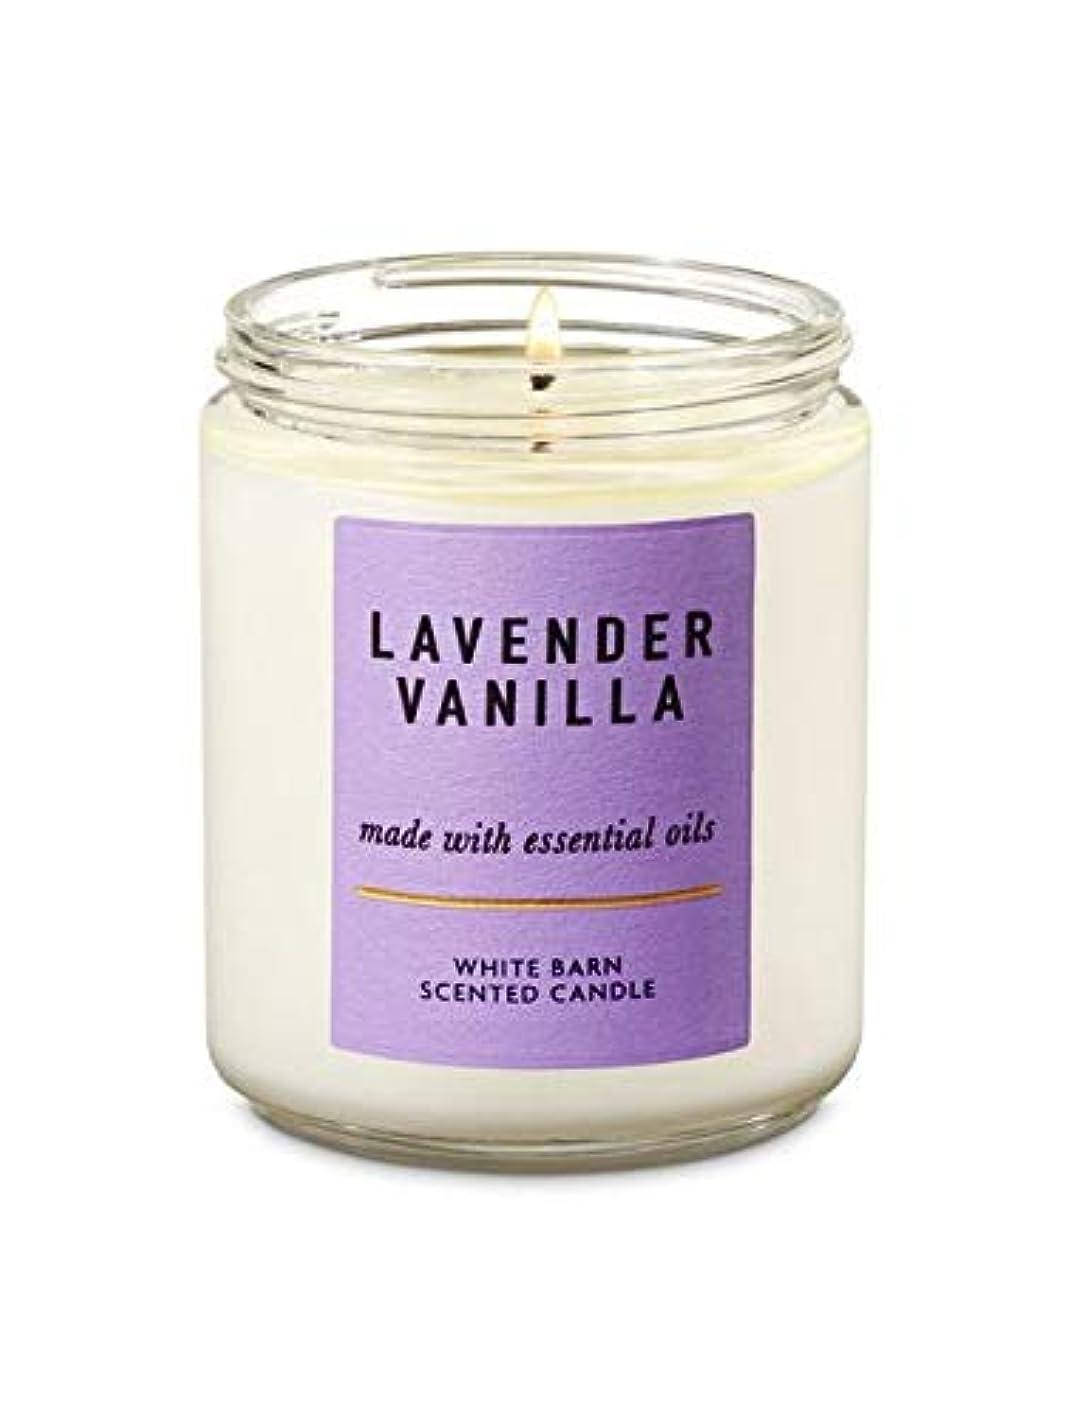 応援するコンデンサーラケット【Bath&Body Works/バス&ボディワークス】 アロマキャンドル ラベンダーバニラ 1-Wick Scented Candle Lavender Vanilla 7oz/198g [並行輸入品]